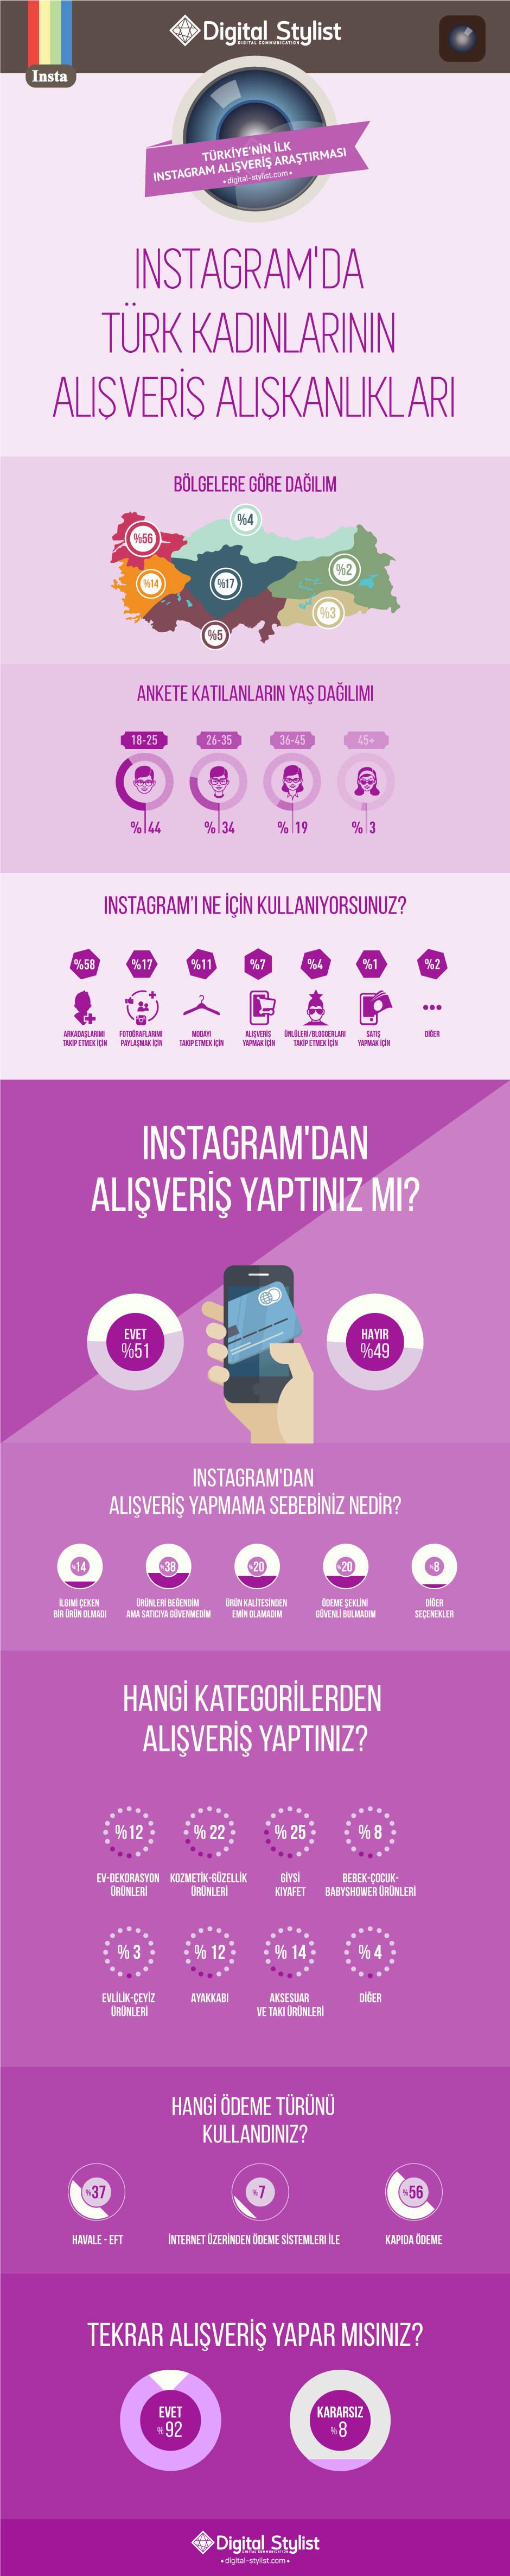 Türk Kadınlarının Alışveriş Alışkanlıkları